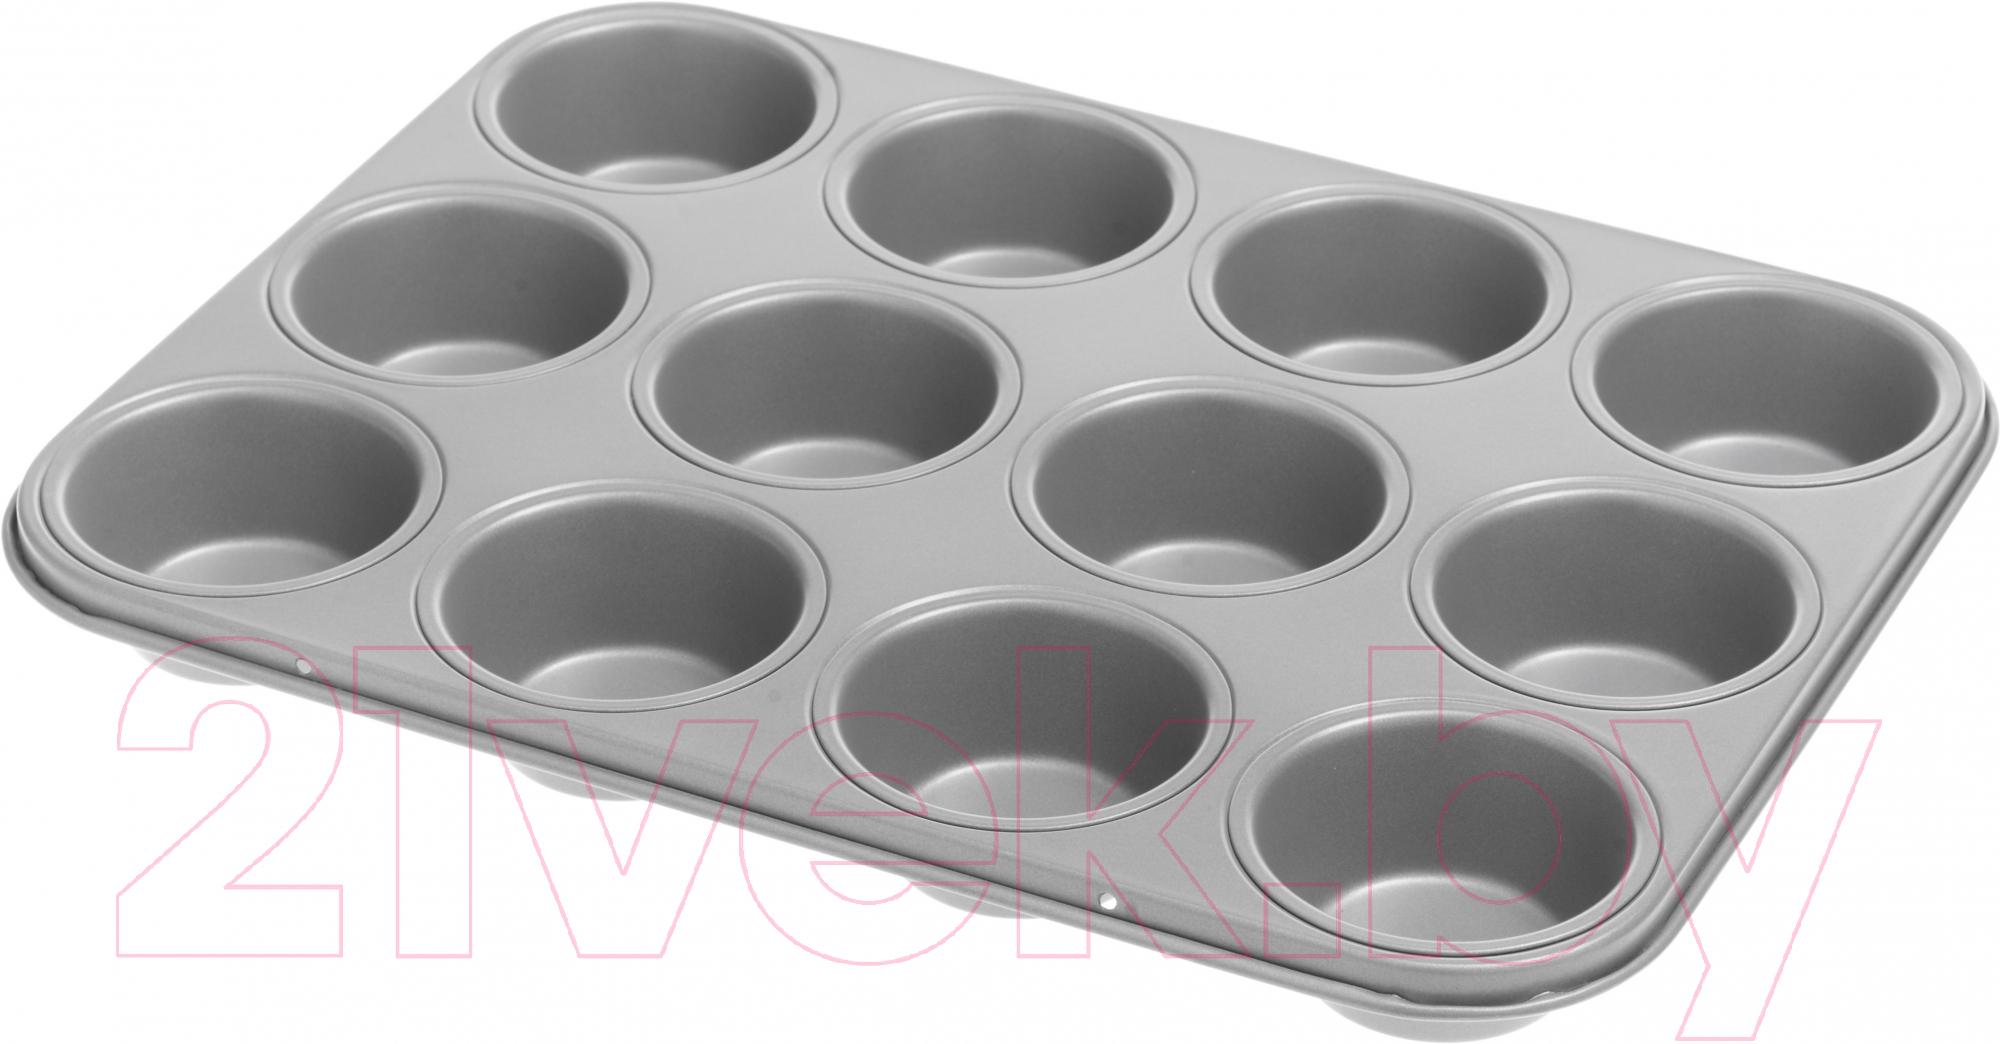 Купить Форма для выпечки Maku Kitchen Life, 182524, Китай, углеродистая сталь